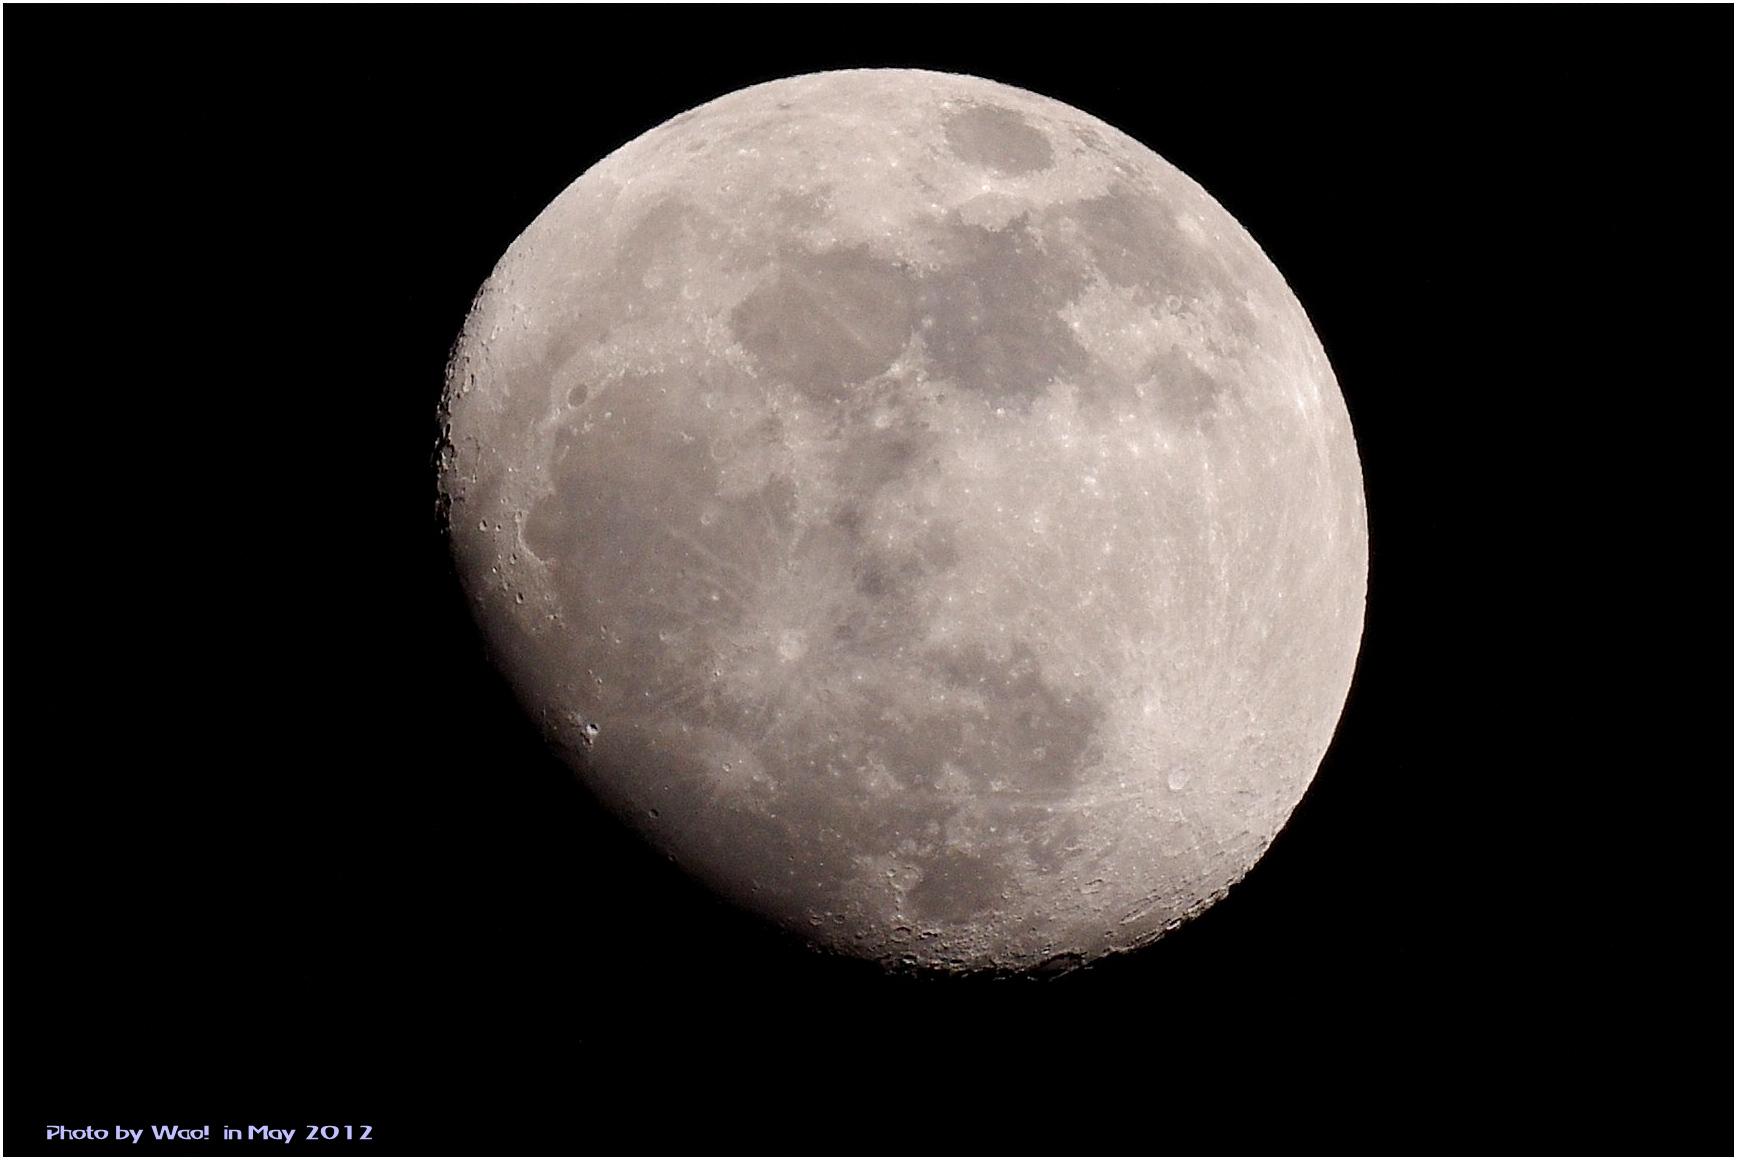 月夜の月_c0198669_16221651.jpg